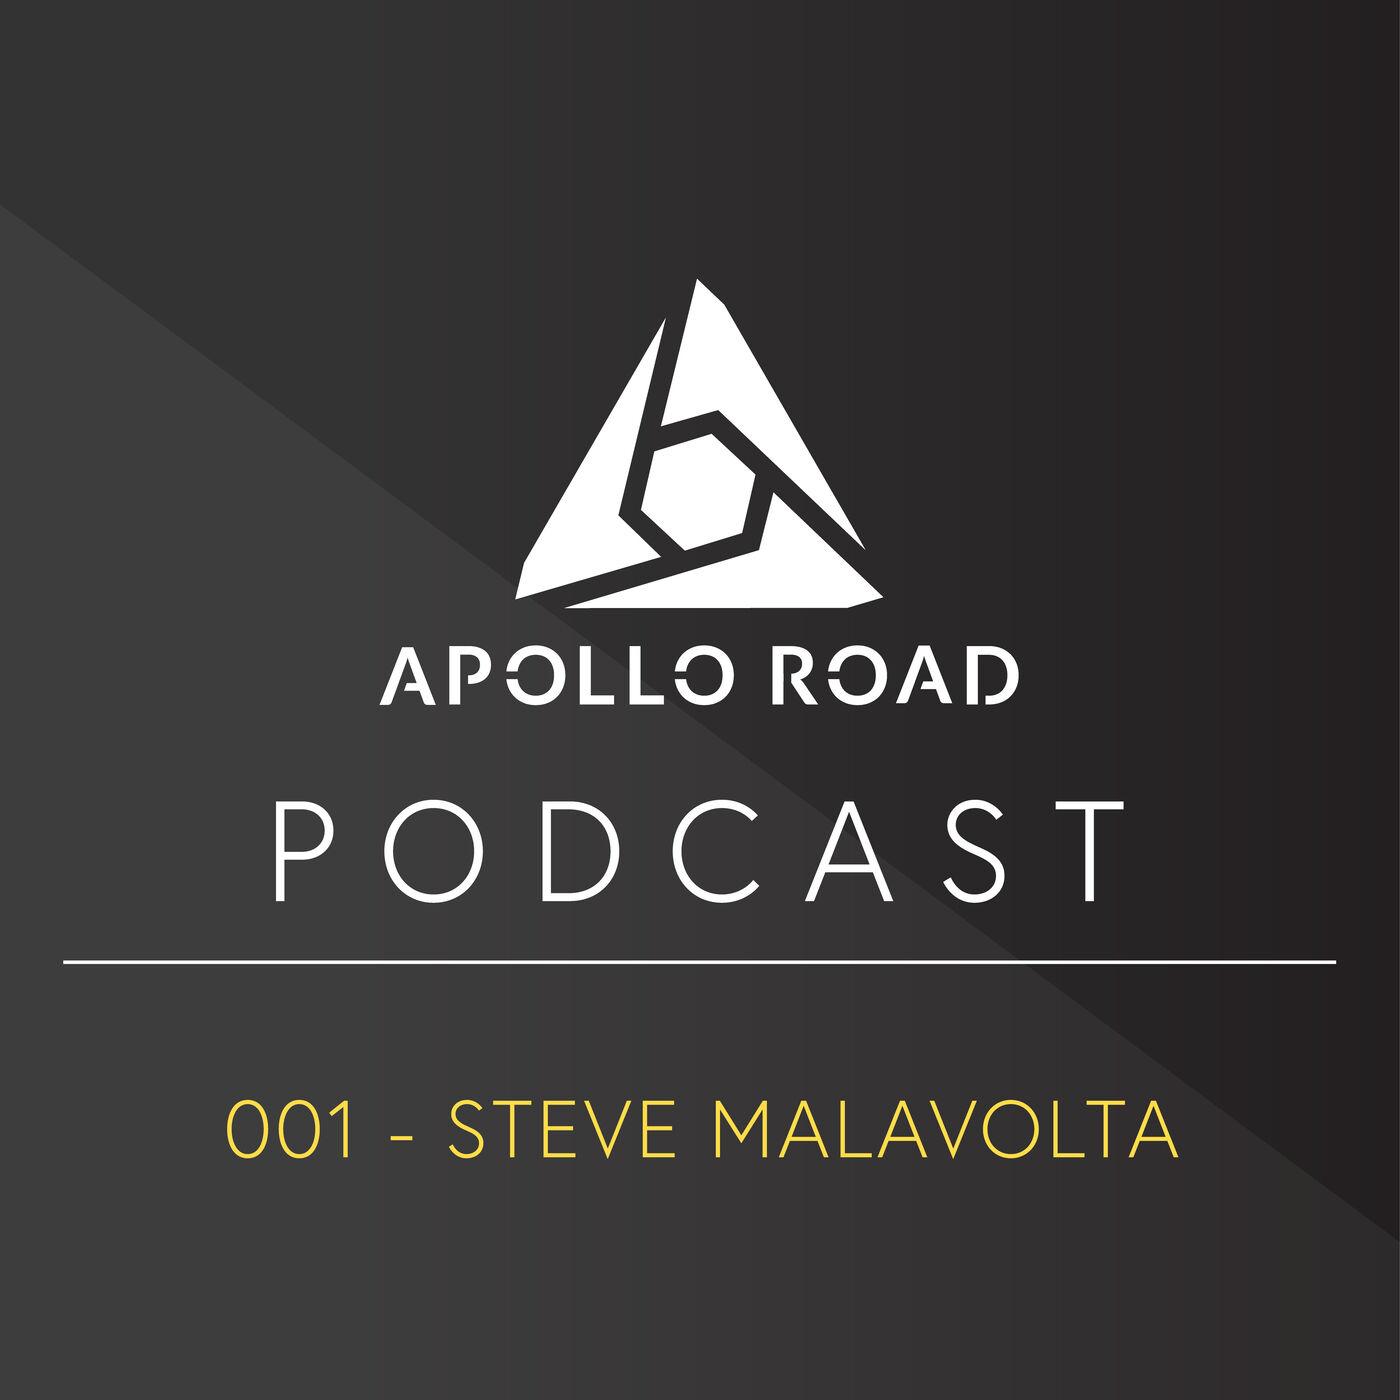 001 - Steve Malavolta: Peace By Piece